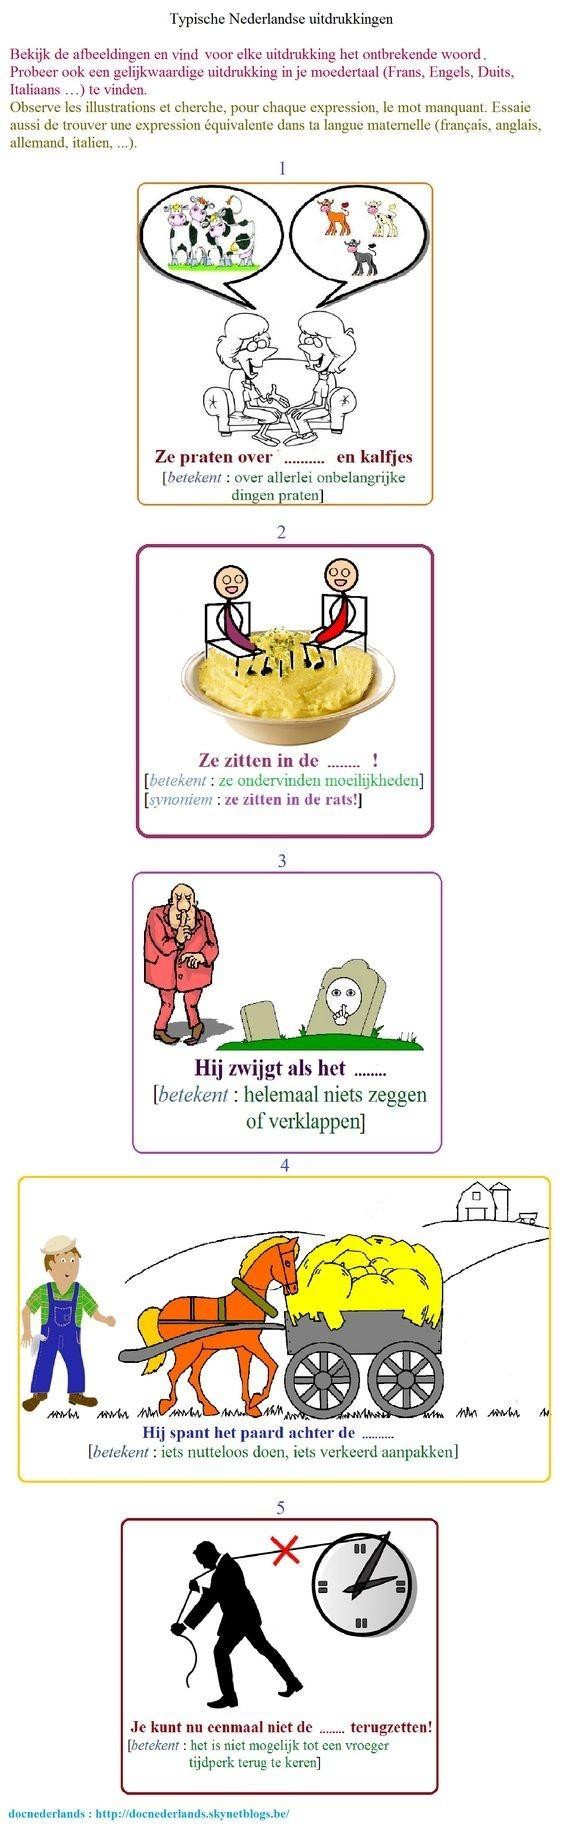 Nederlandse uitdrukkingen